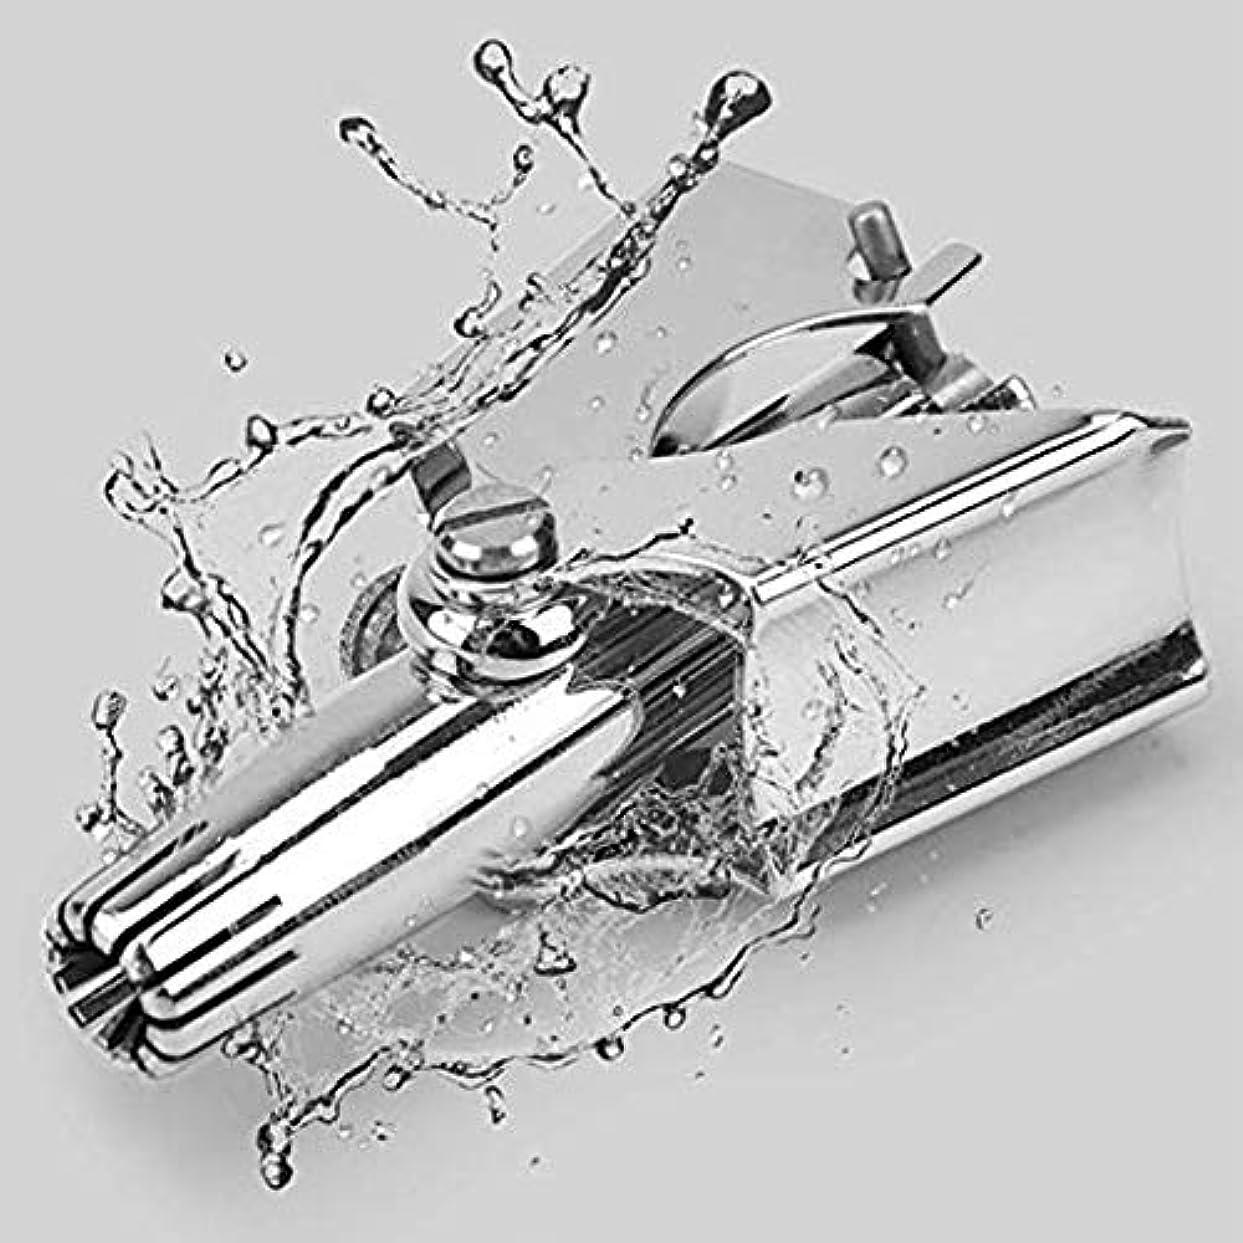 骨髄人類省略する耳と鼻の毛トリマー、男性と女性のための手動鼻毛トリマー、完璧なステンレス鋼の鼻トリマーはさみ-シルバー(バッテリー不要) (Color : Silver)